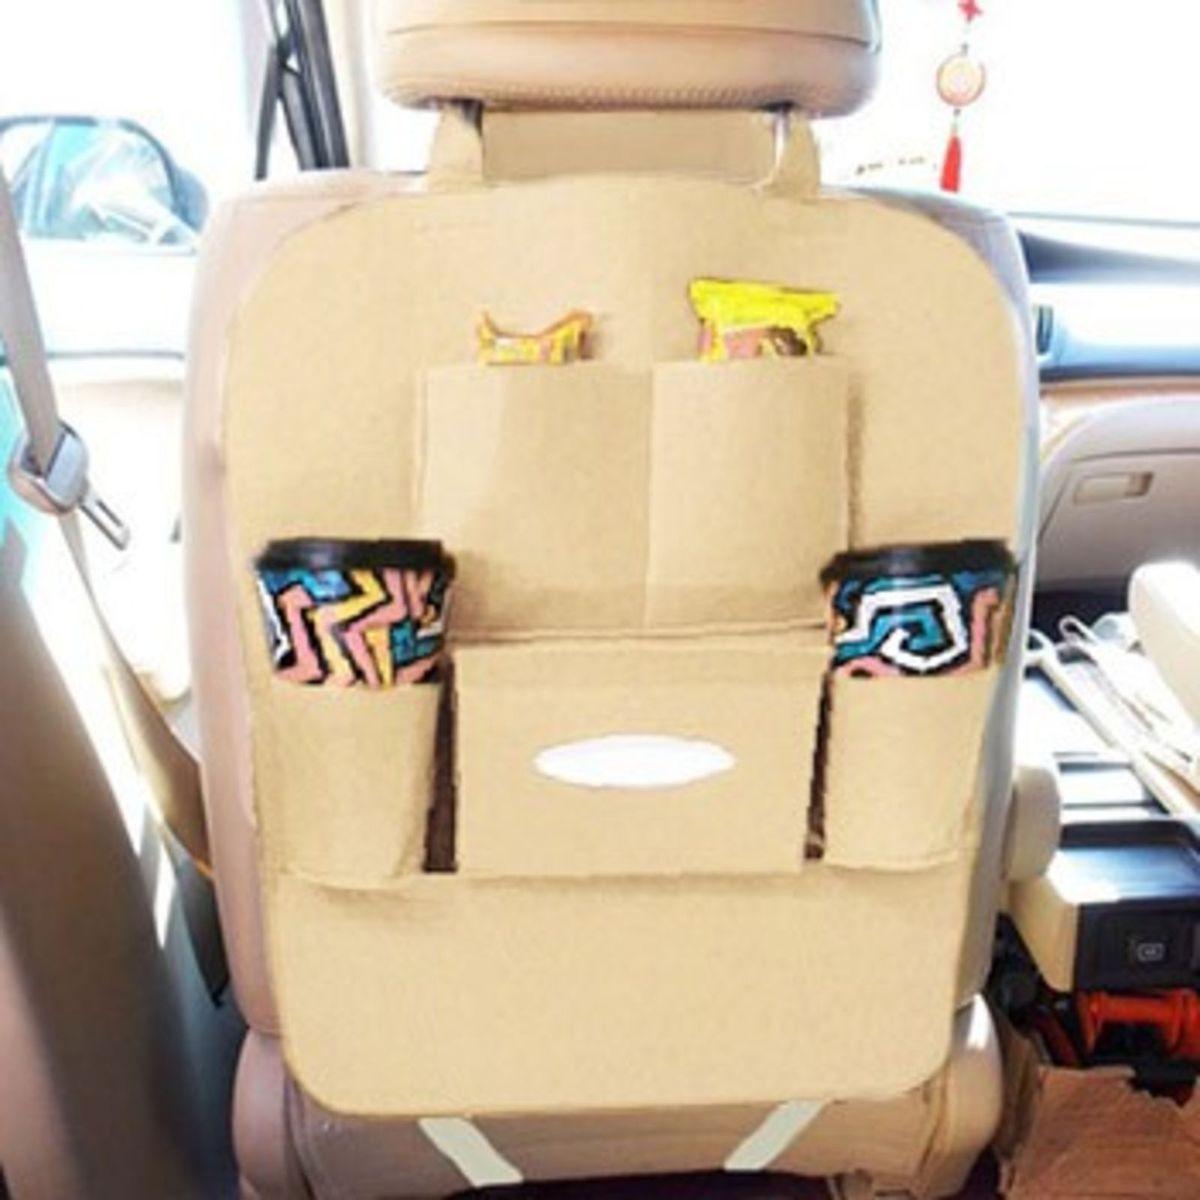 6bcf49fed Bolsa Organizadora Uber Taxi Banco Carro 6 Compartimentos Marrom Claro |  Cacareco Braslu Nunca Usado 23399157 | enjoei